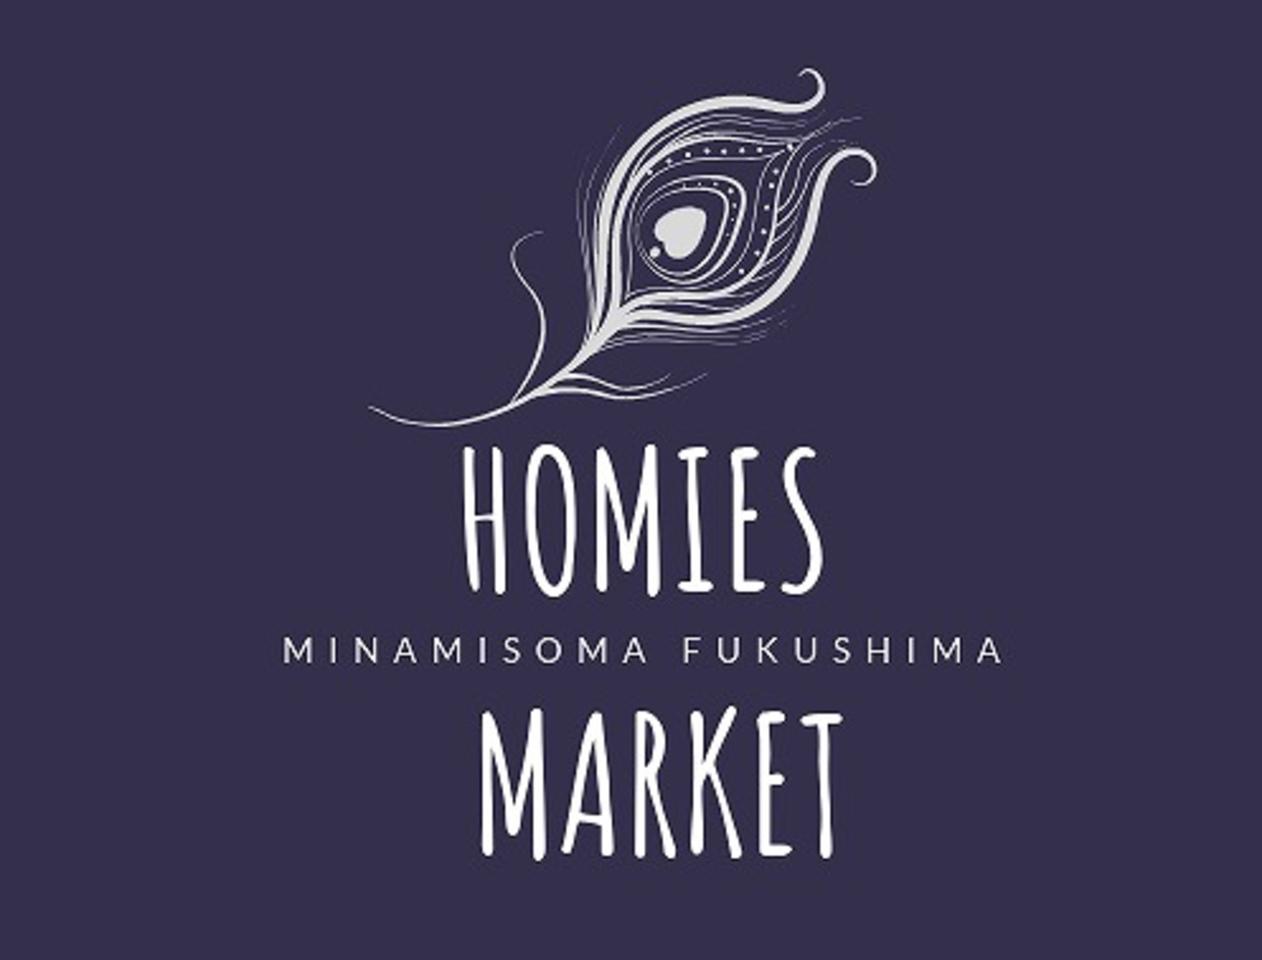 福島県南相馬市原町区で月1回第4土曜日に開催される「ホーミーズマーケット」